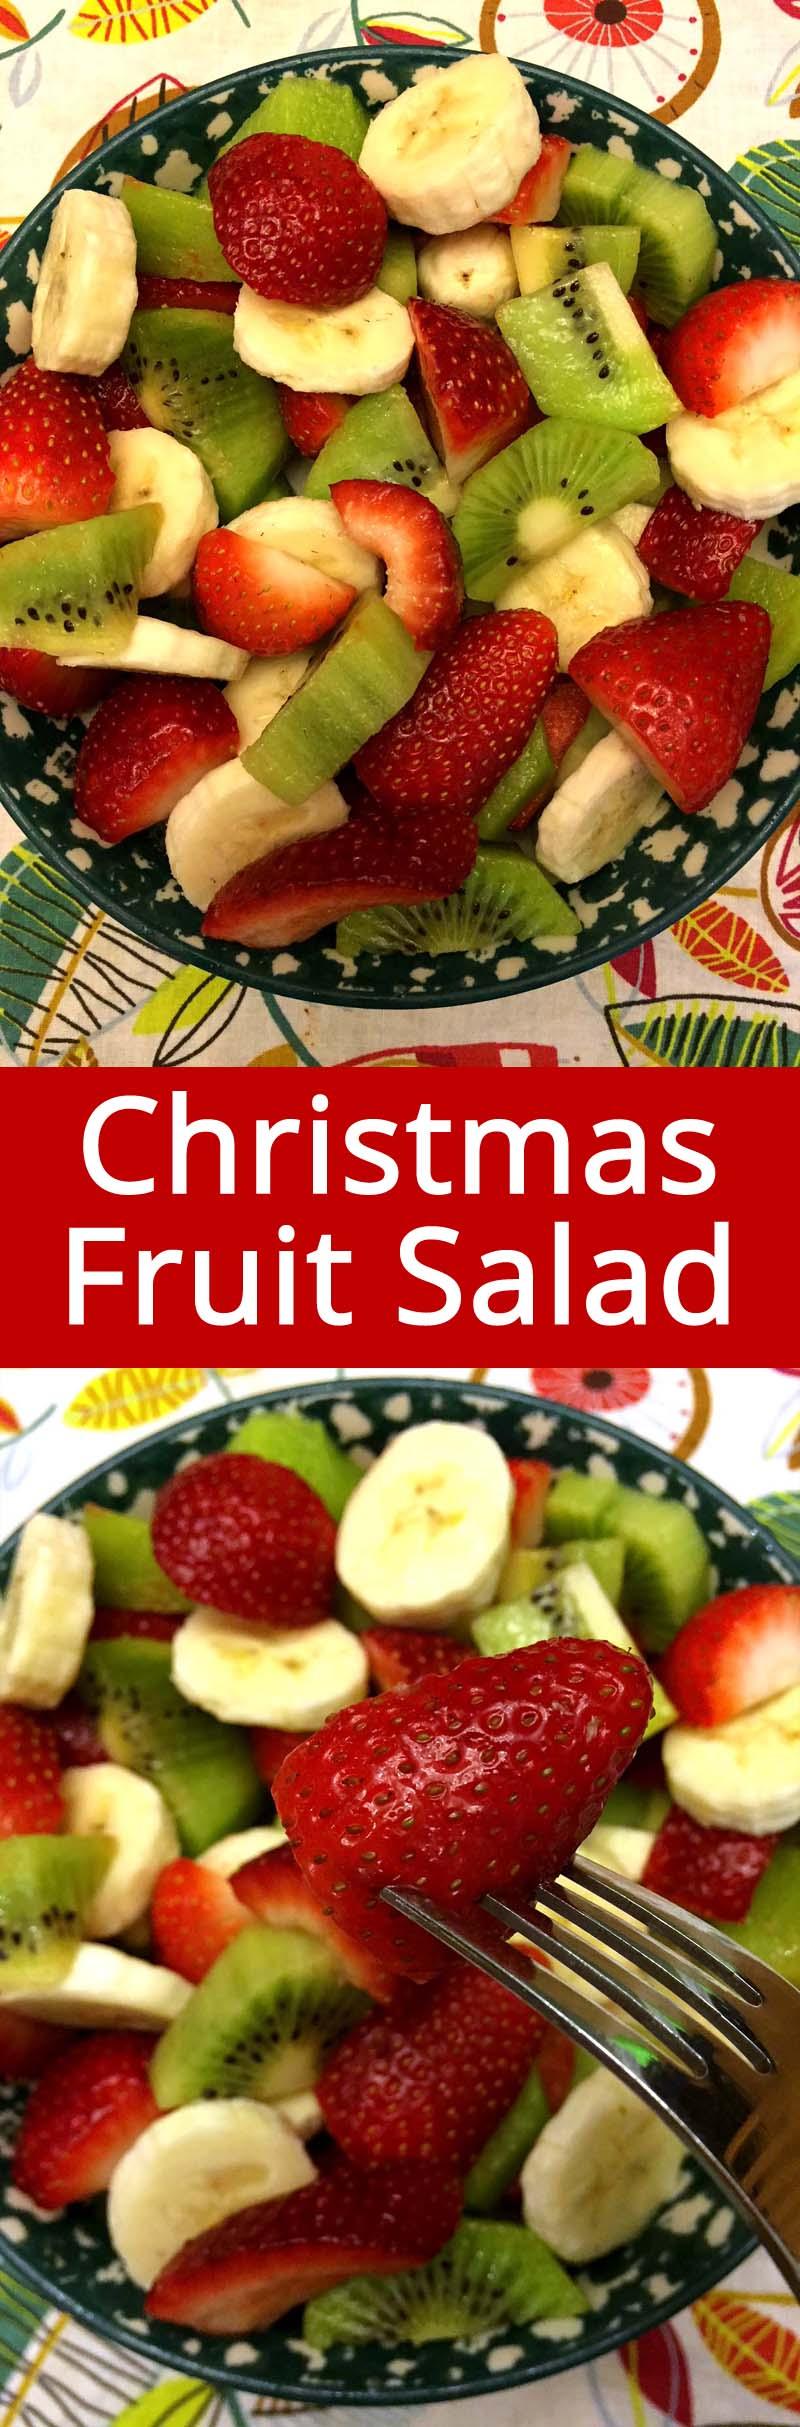 Christmas Fruit Salad With Strawberries Kiwis And Bananas